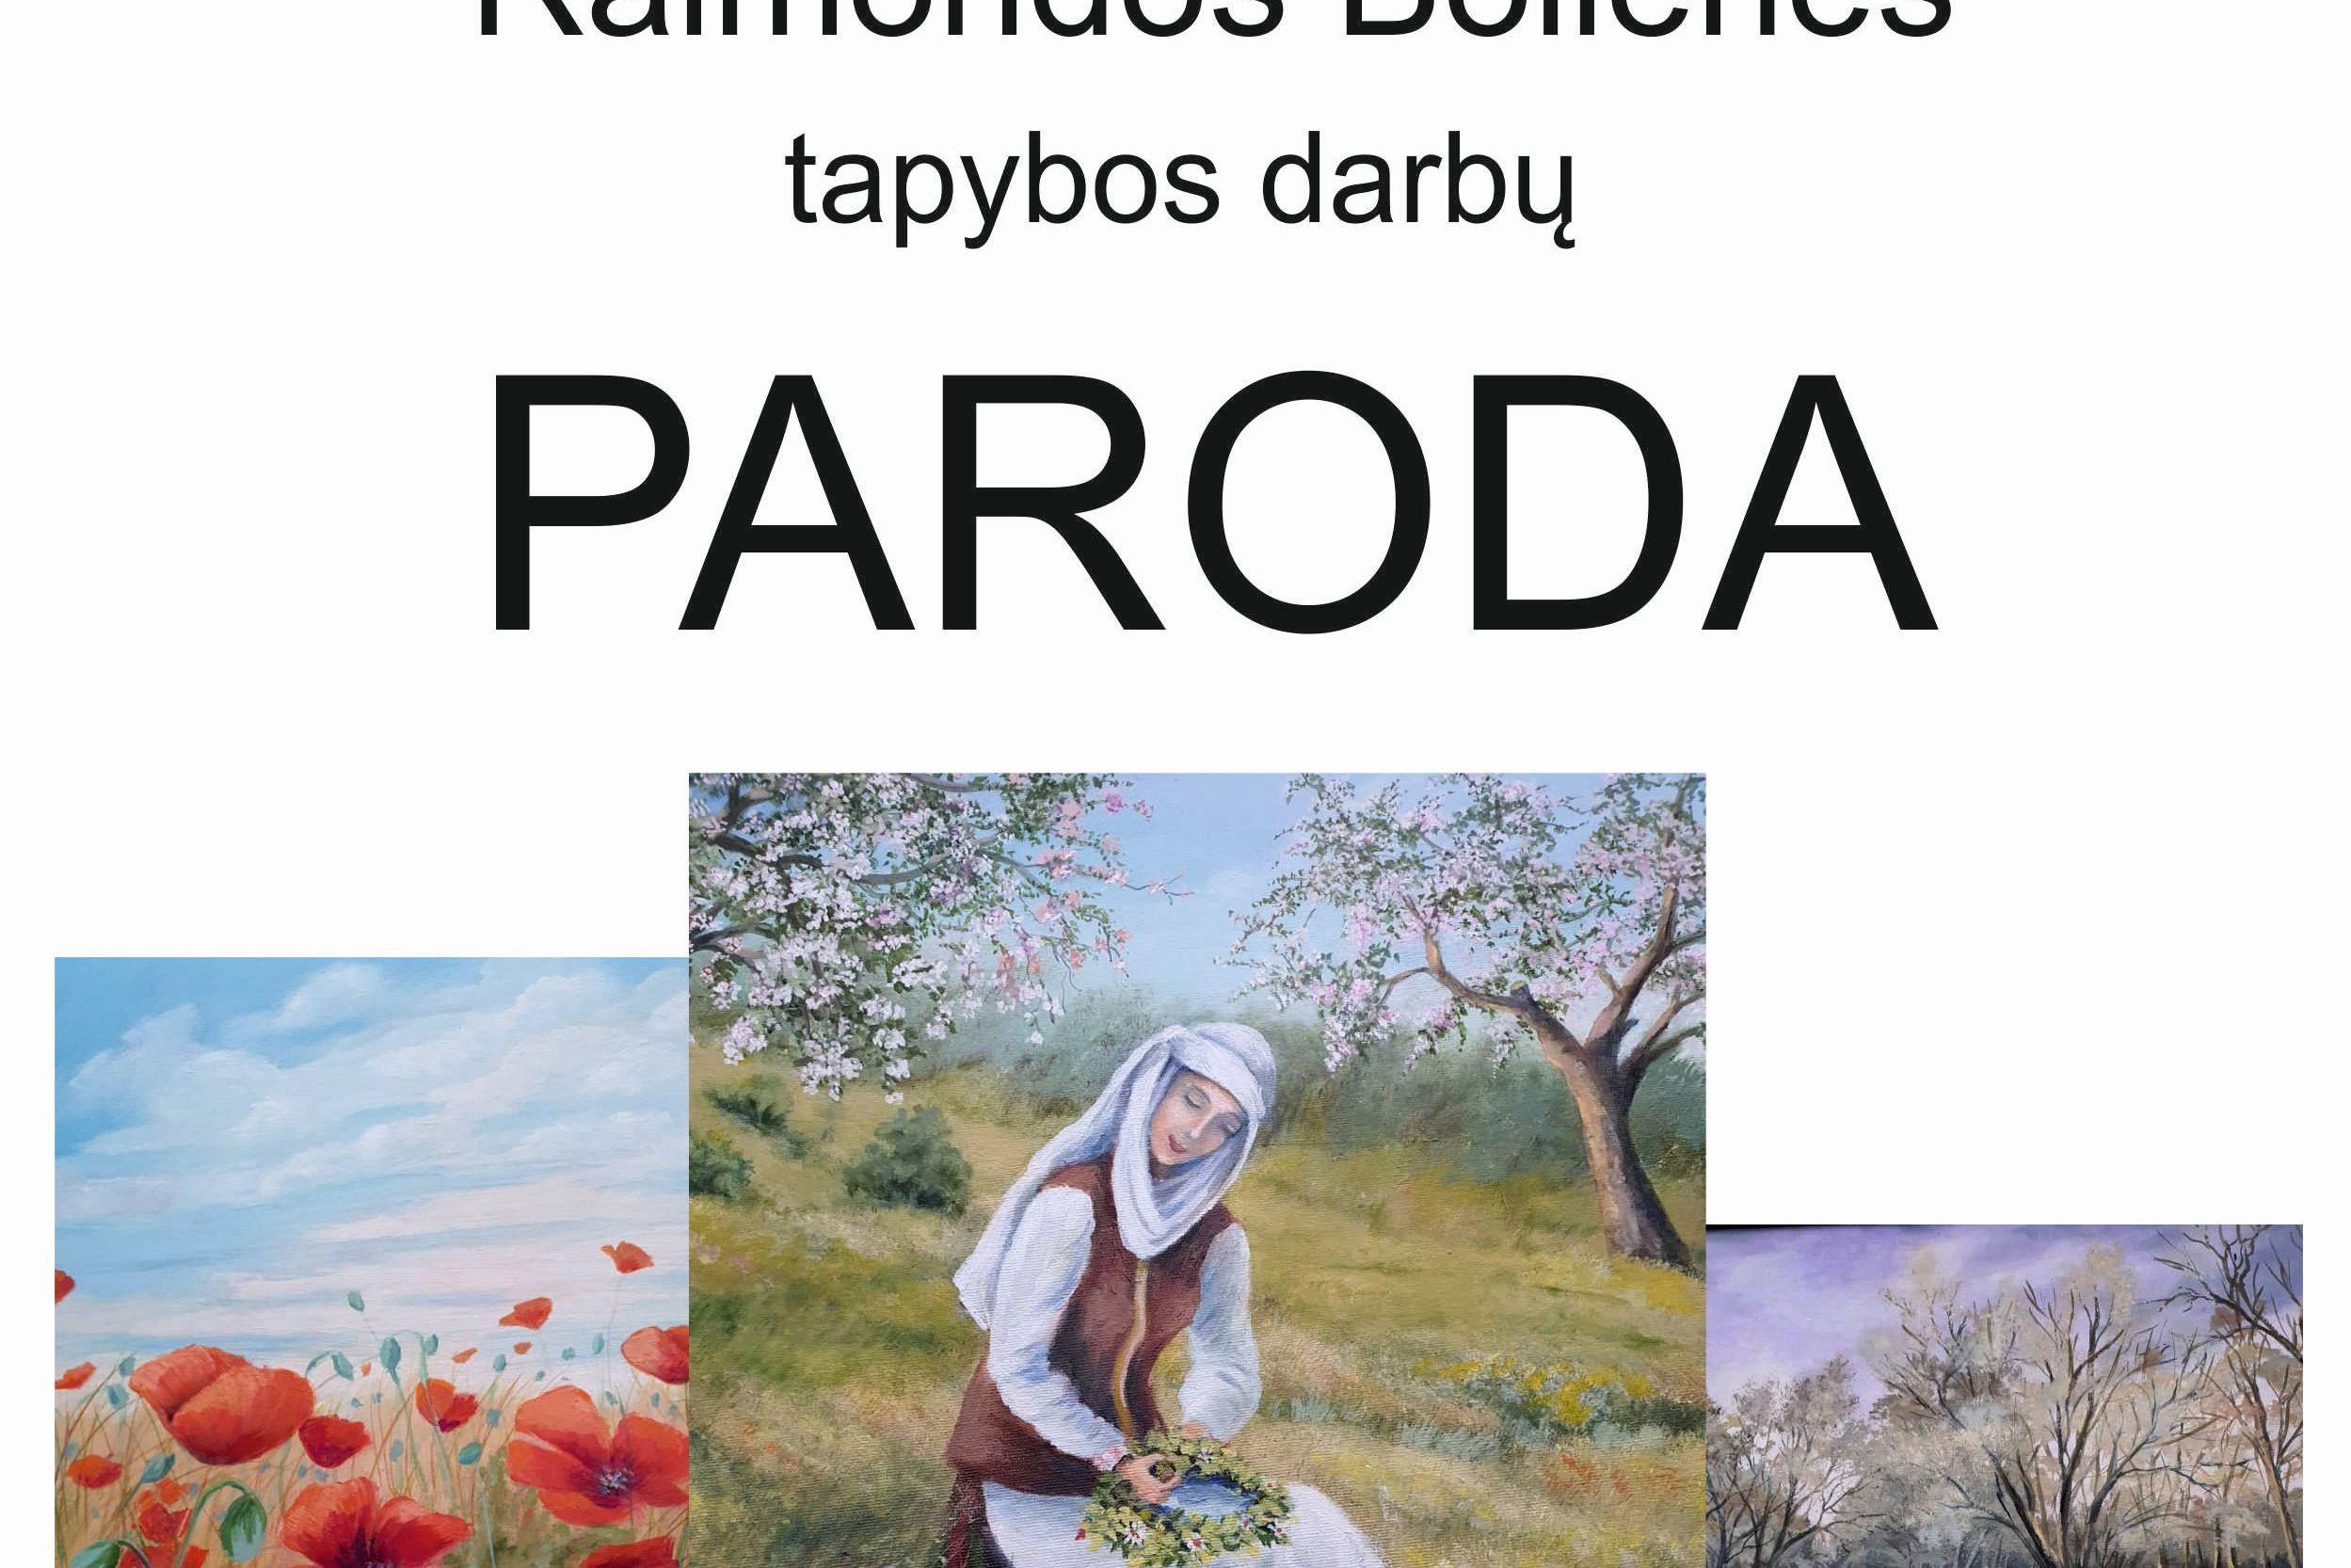 Raimondos Bolienės tapybos darbų paroda